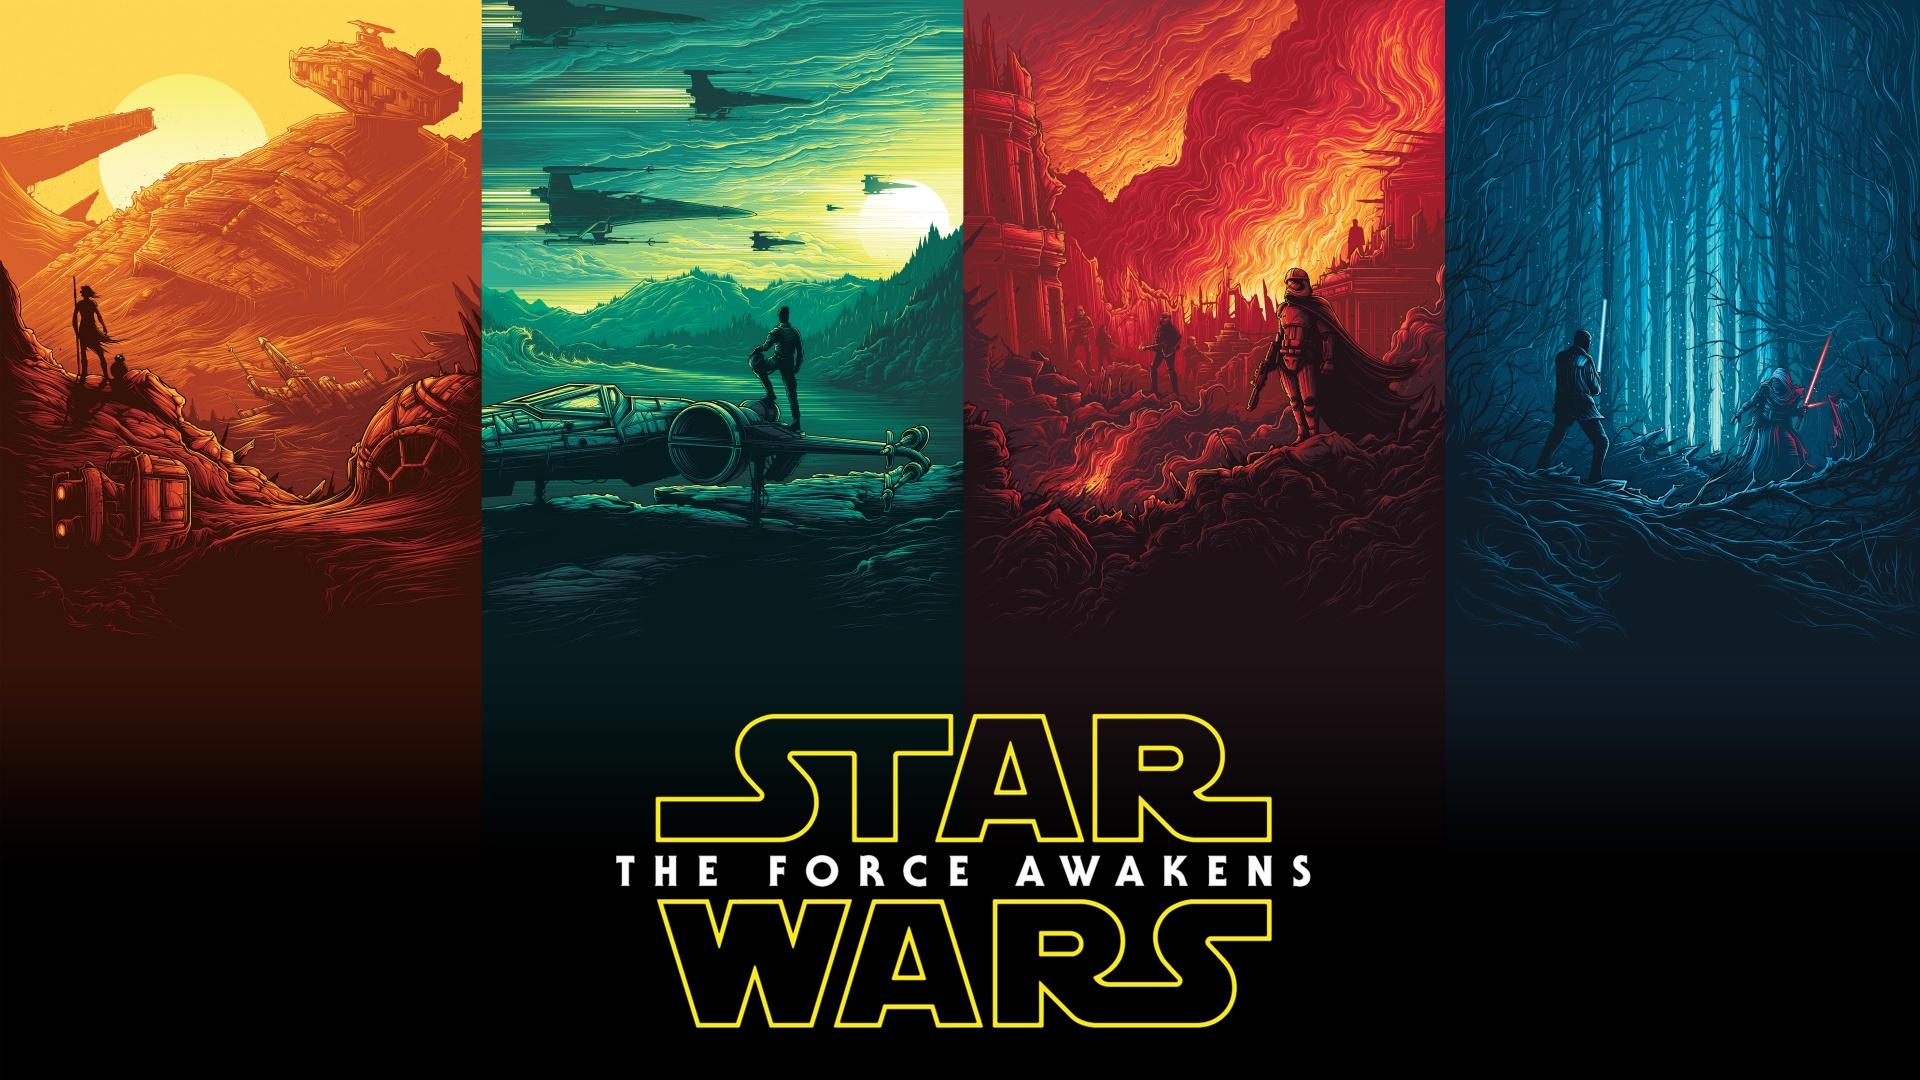 Rey Finn Kylo Ren Han Solo Luke Skywalker Star Wars Wallpapers HD 1920x1080